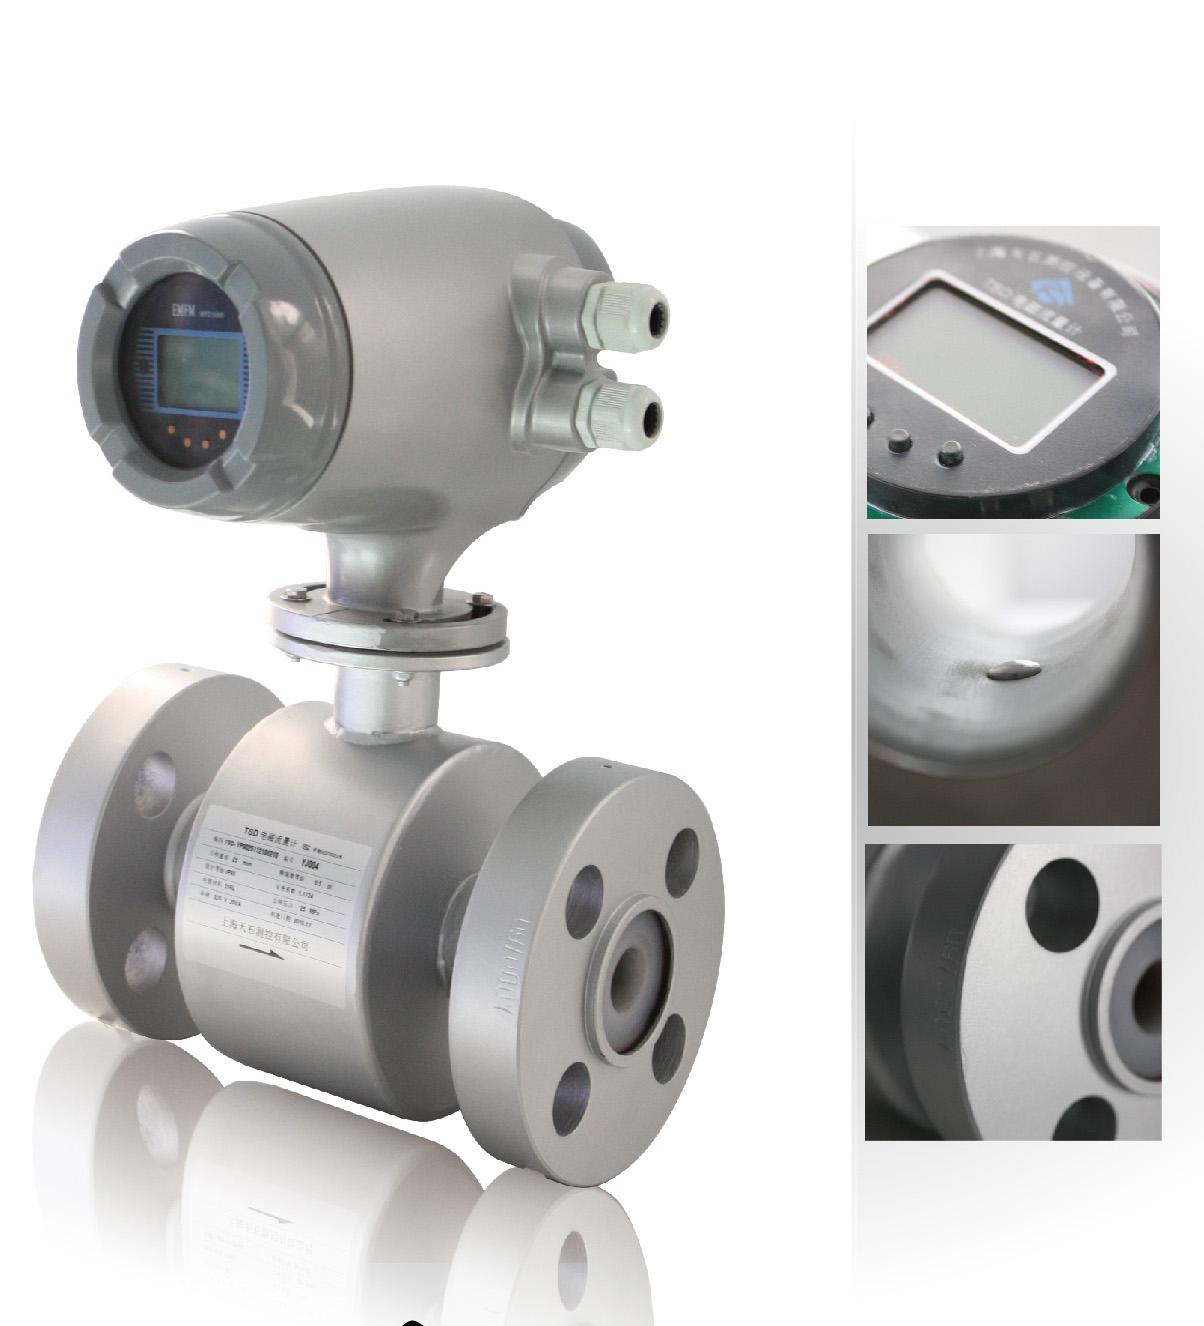 天石测控 TSD-YG一体式高压电磁流量计